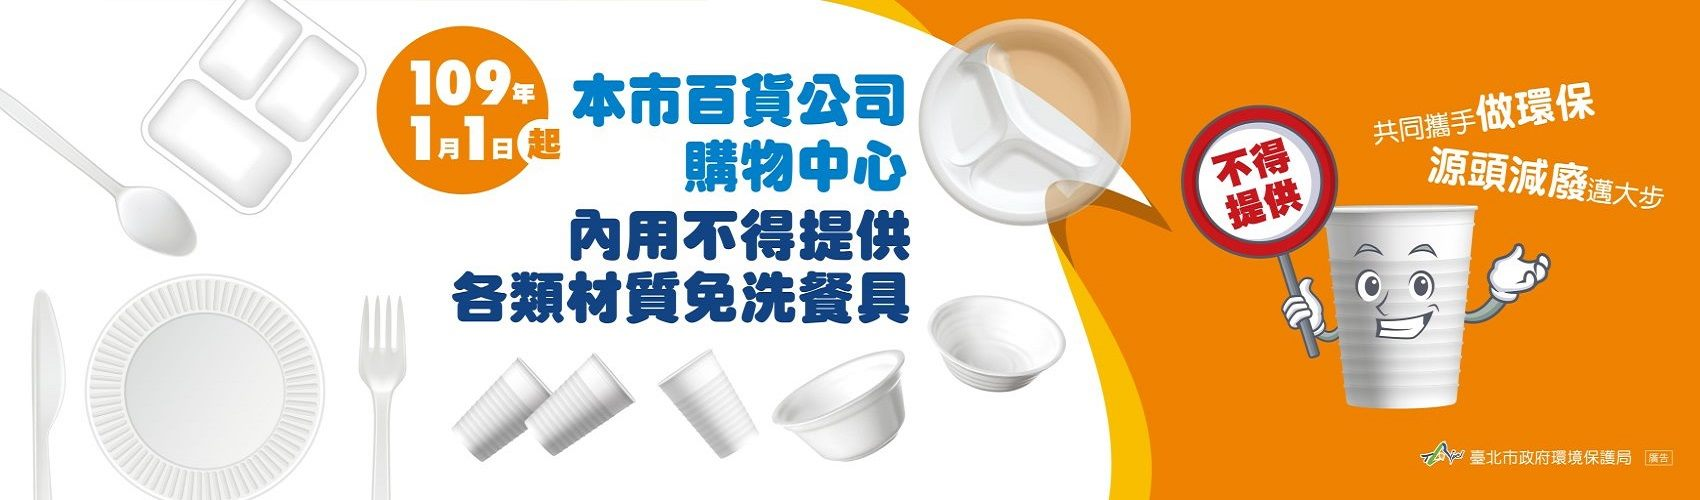 免洗餐具限制使用對象及實施方式相關資訊